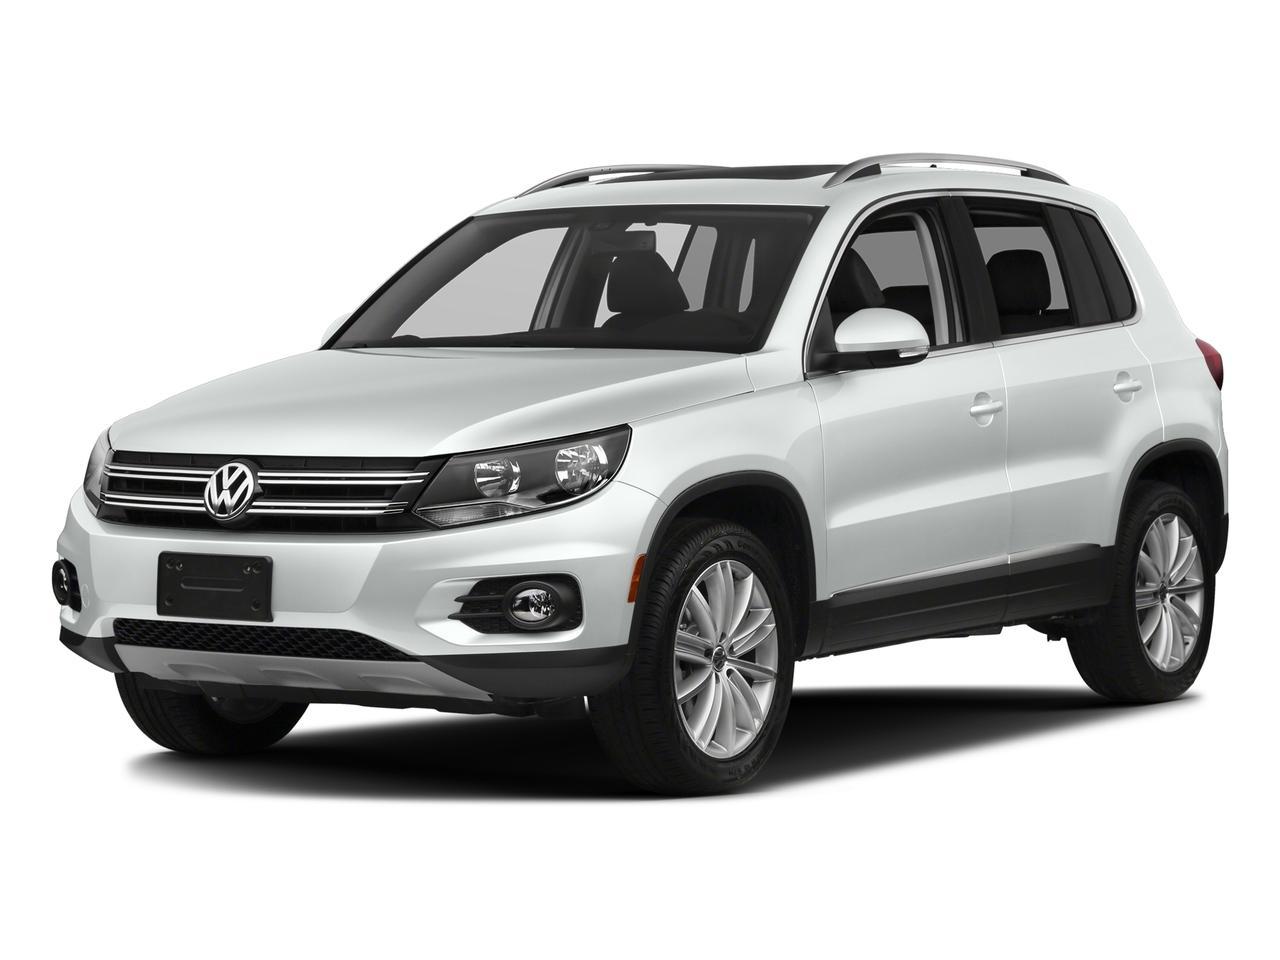 2017 Volkswagen Tiguan Vehicle Photo in Colorado Springs, CO 80920